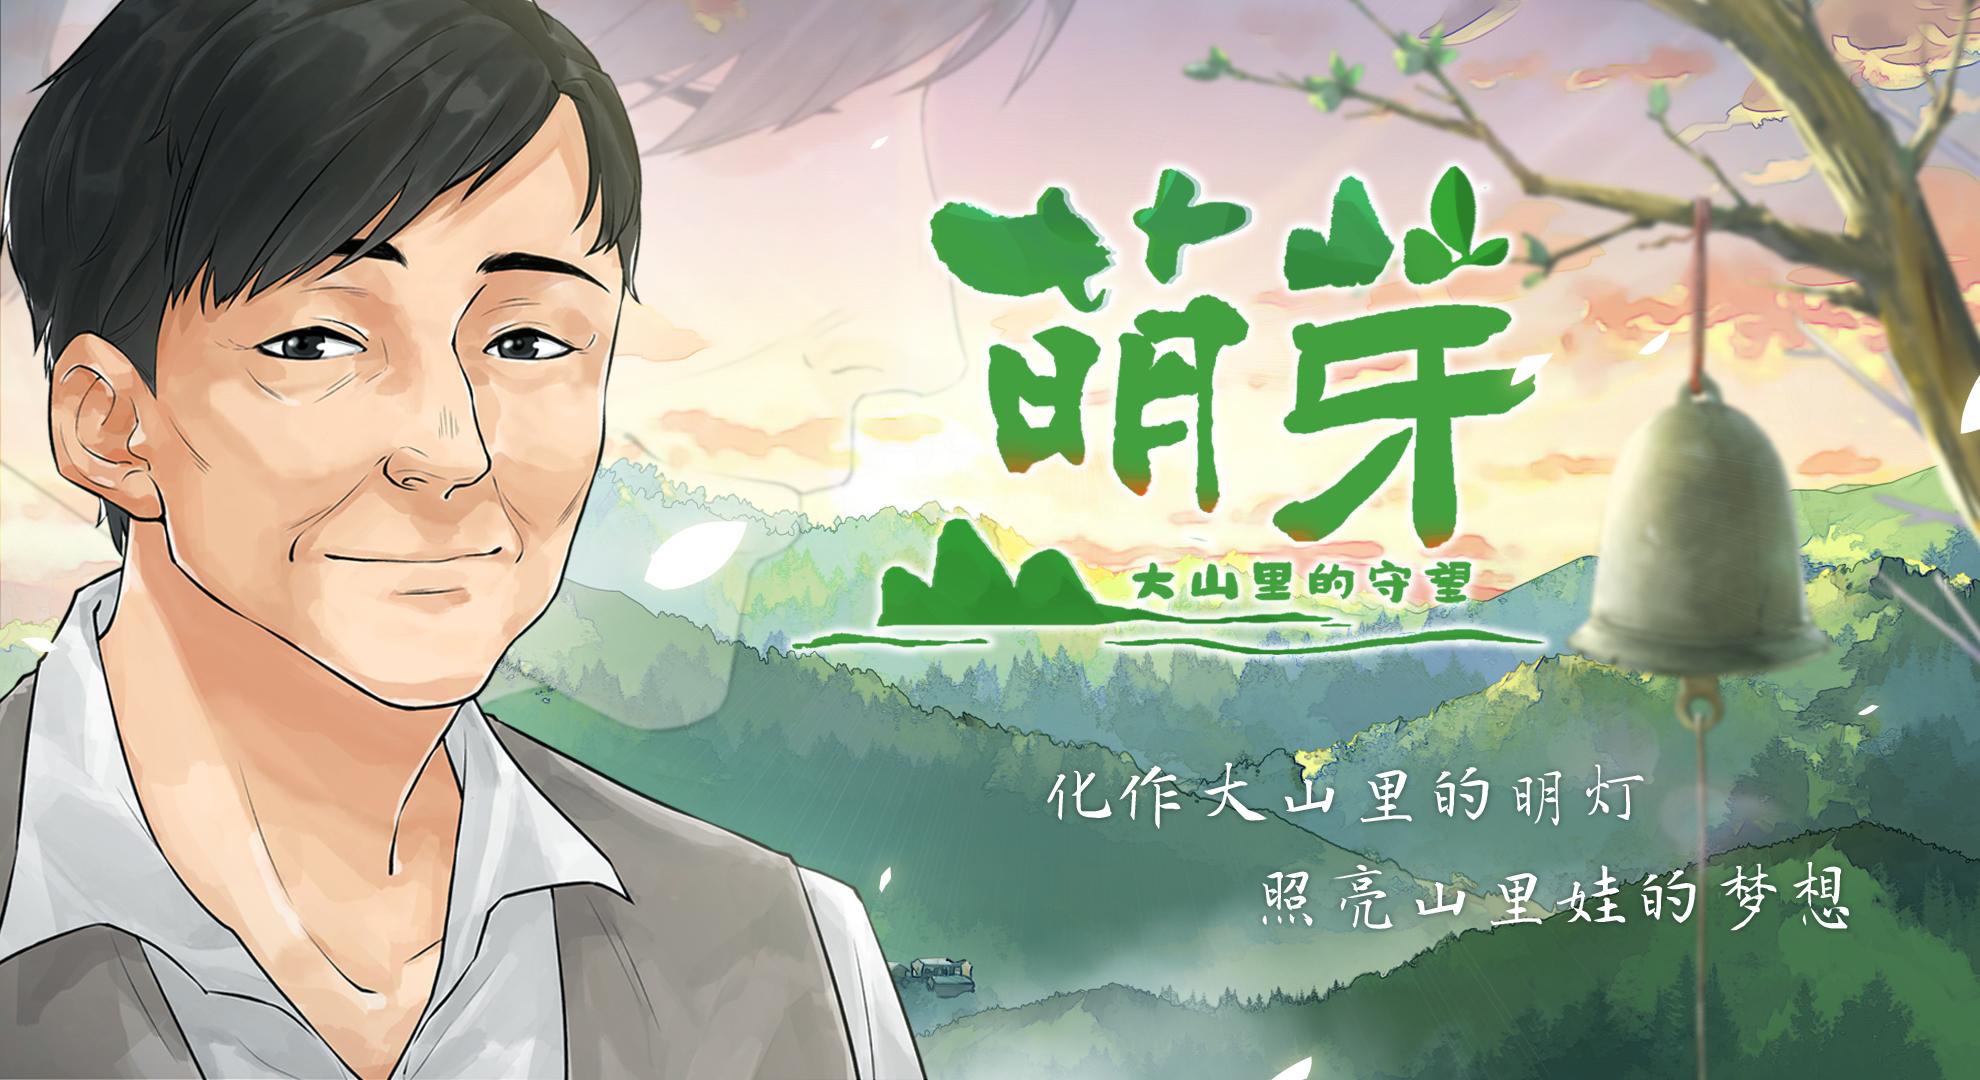 动画短片《萌芽》 用爱心点亮乡村孩子梦想